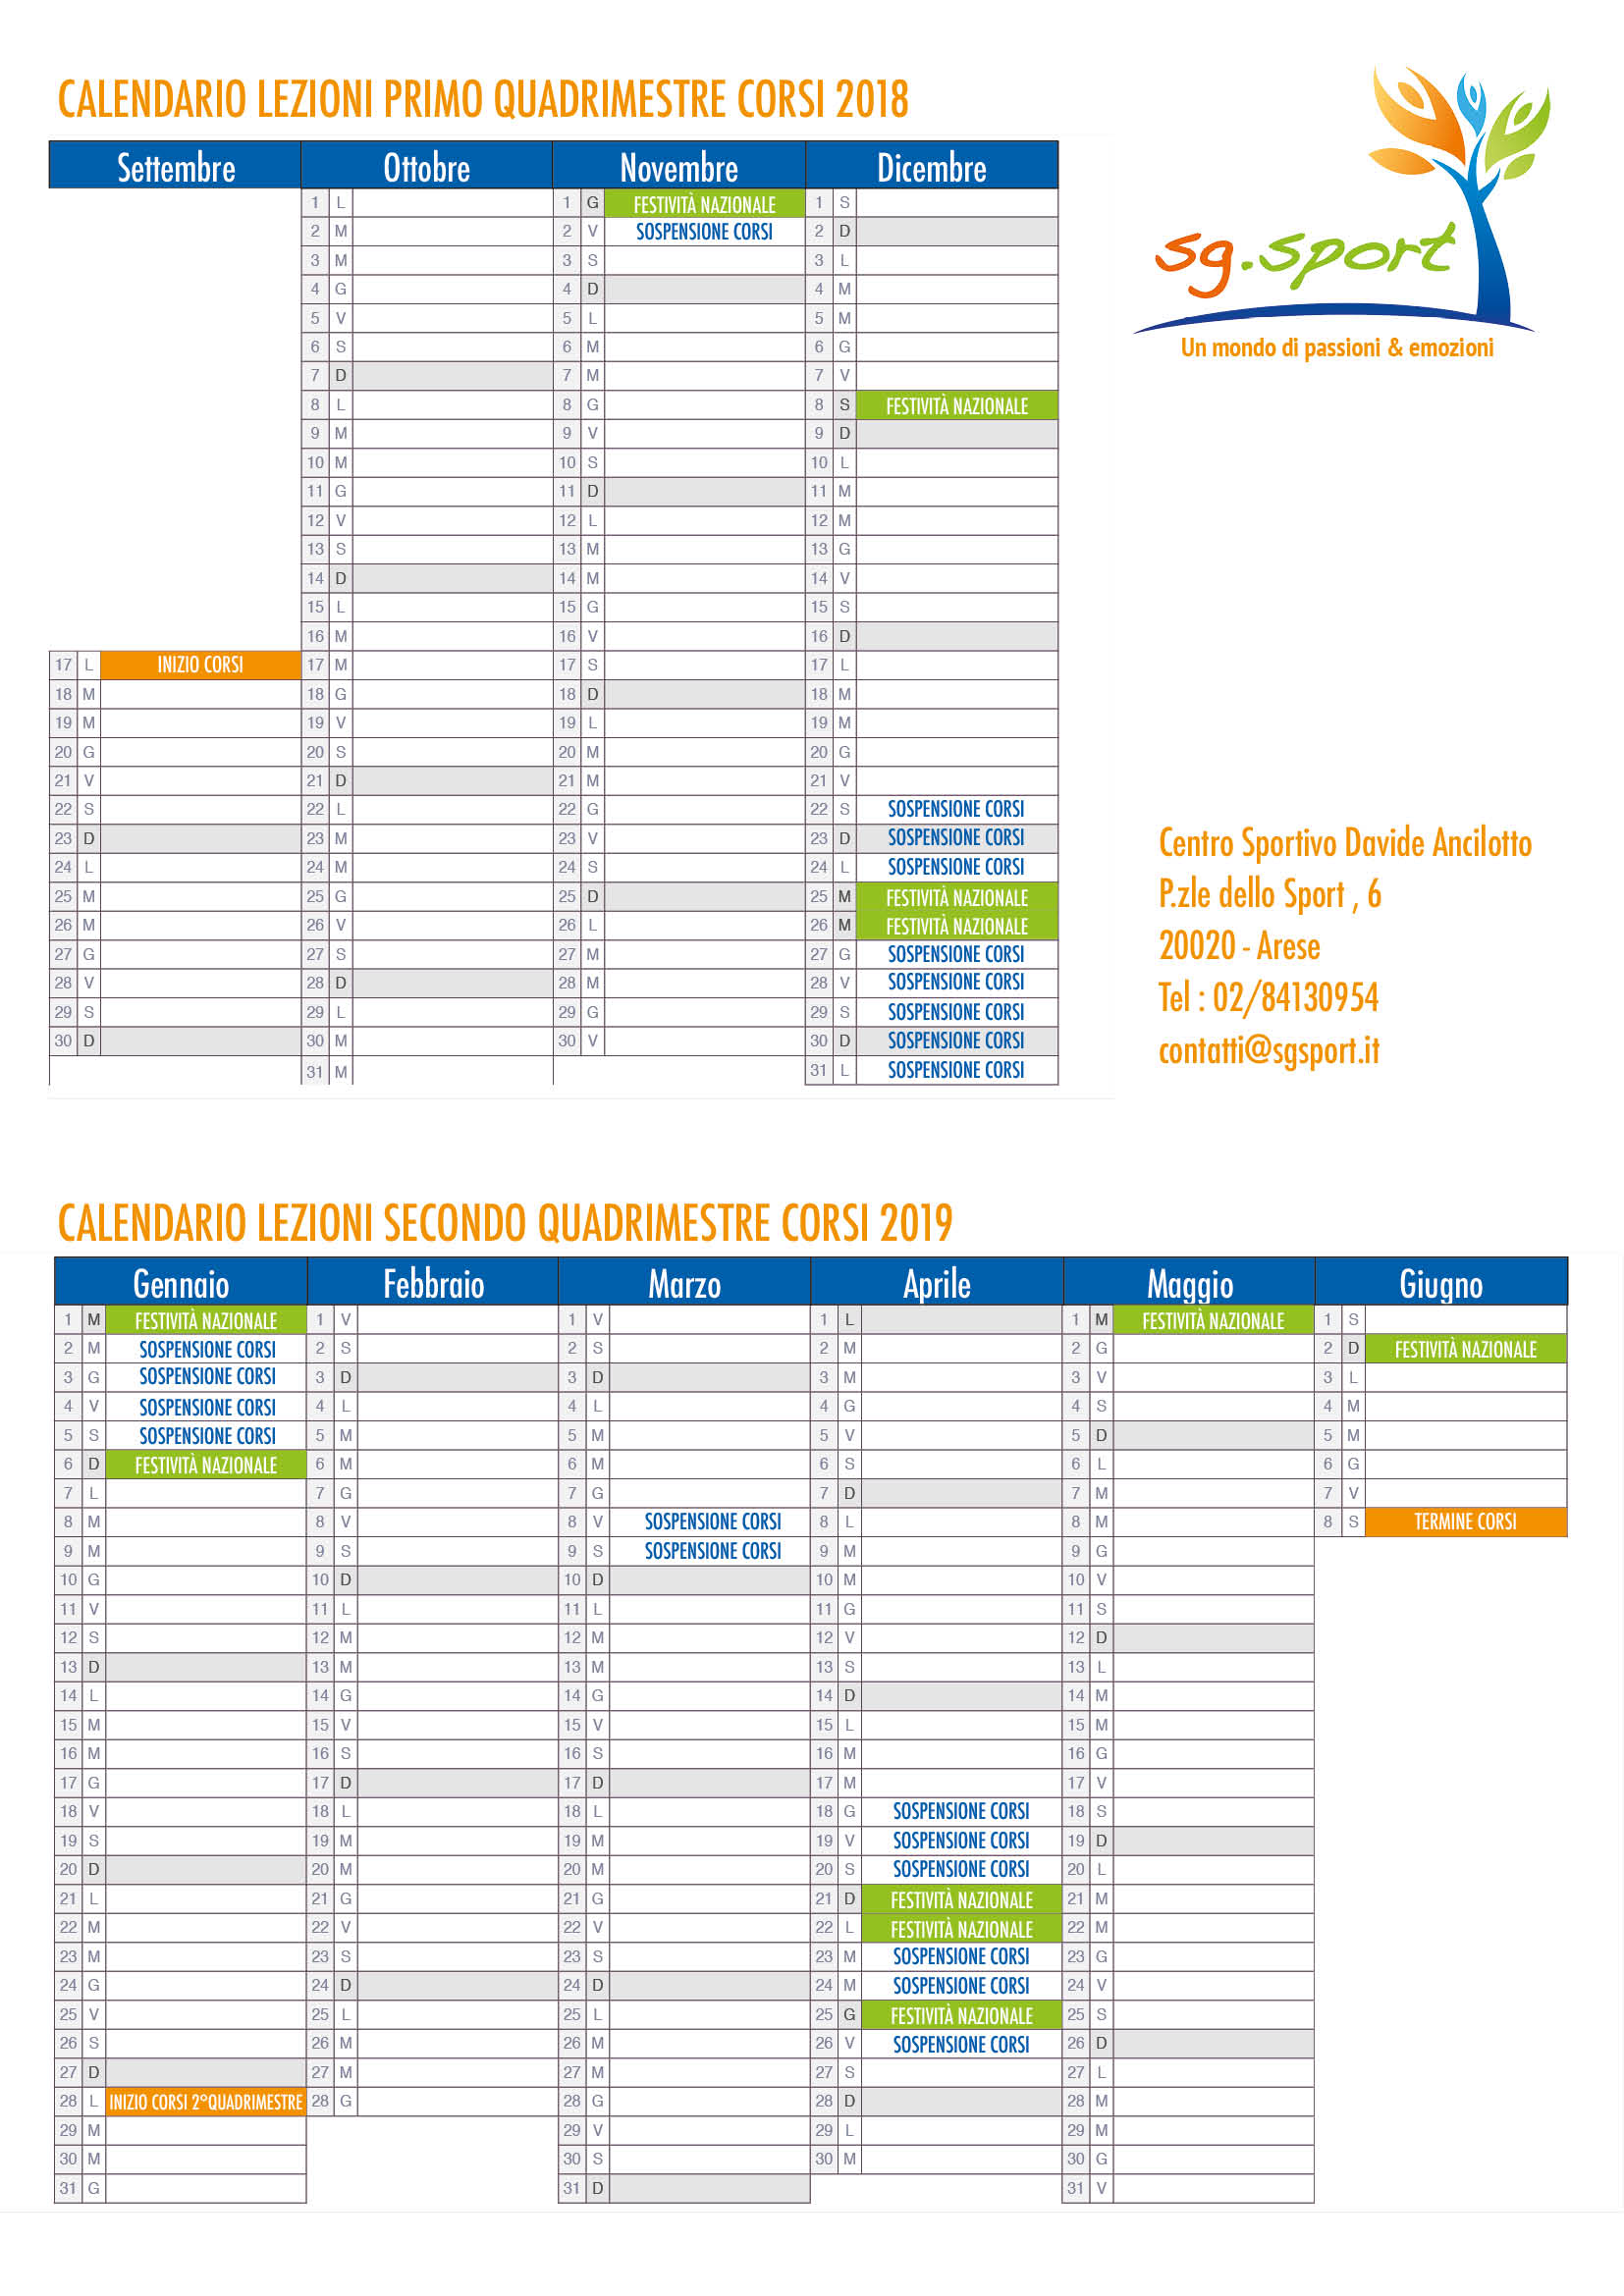 Calendario Corsi.Calendario 2018 2019 Corsi Sg Sport Sg Sport